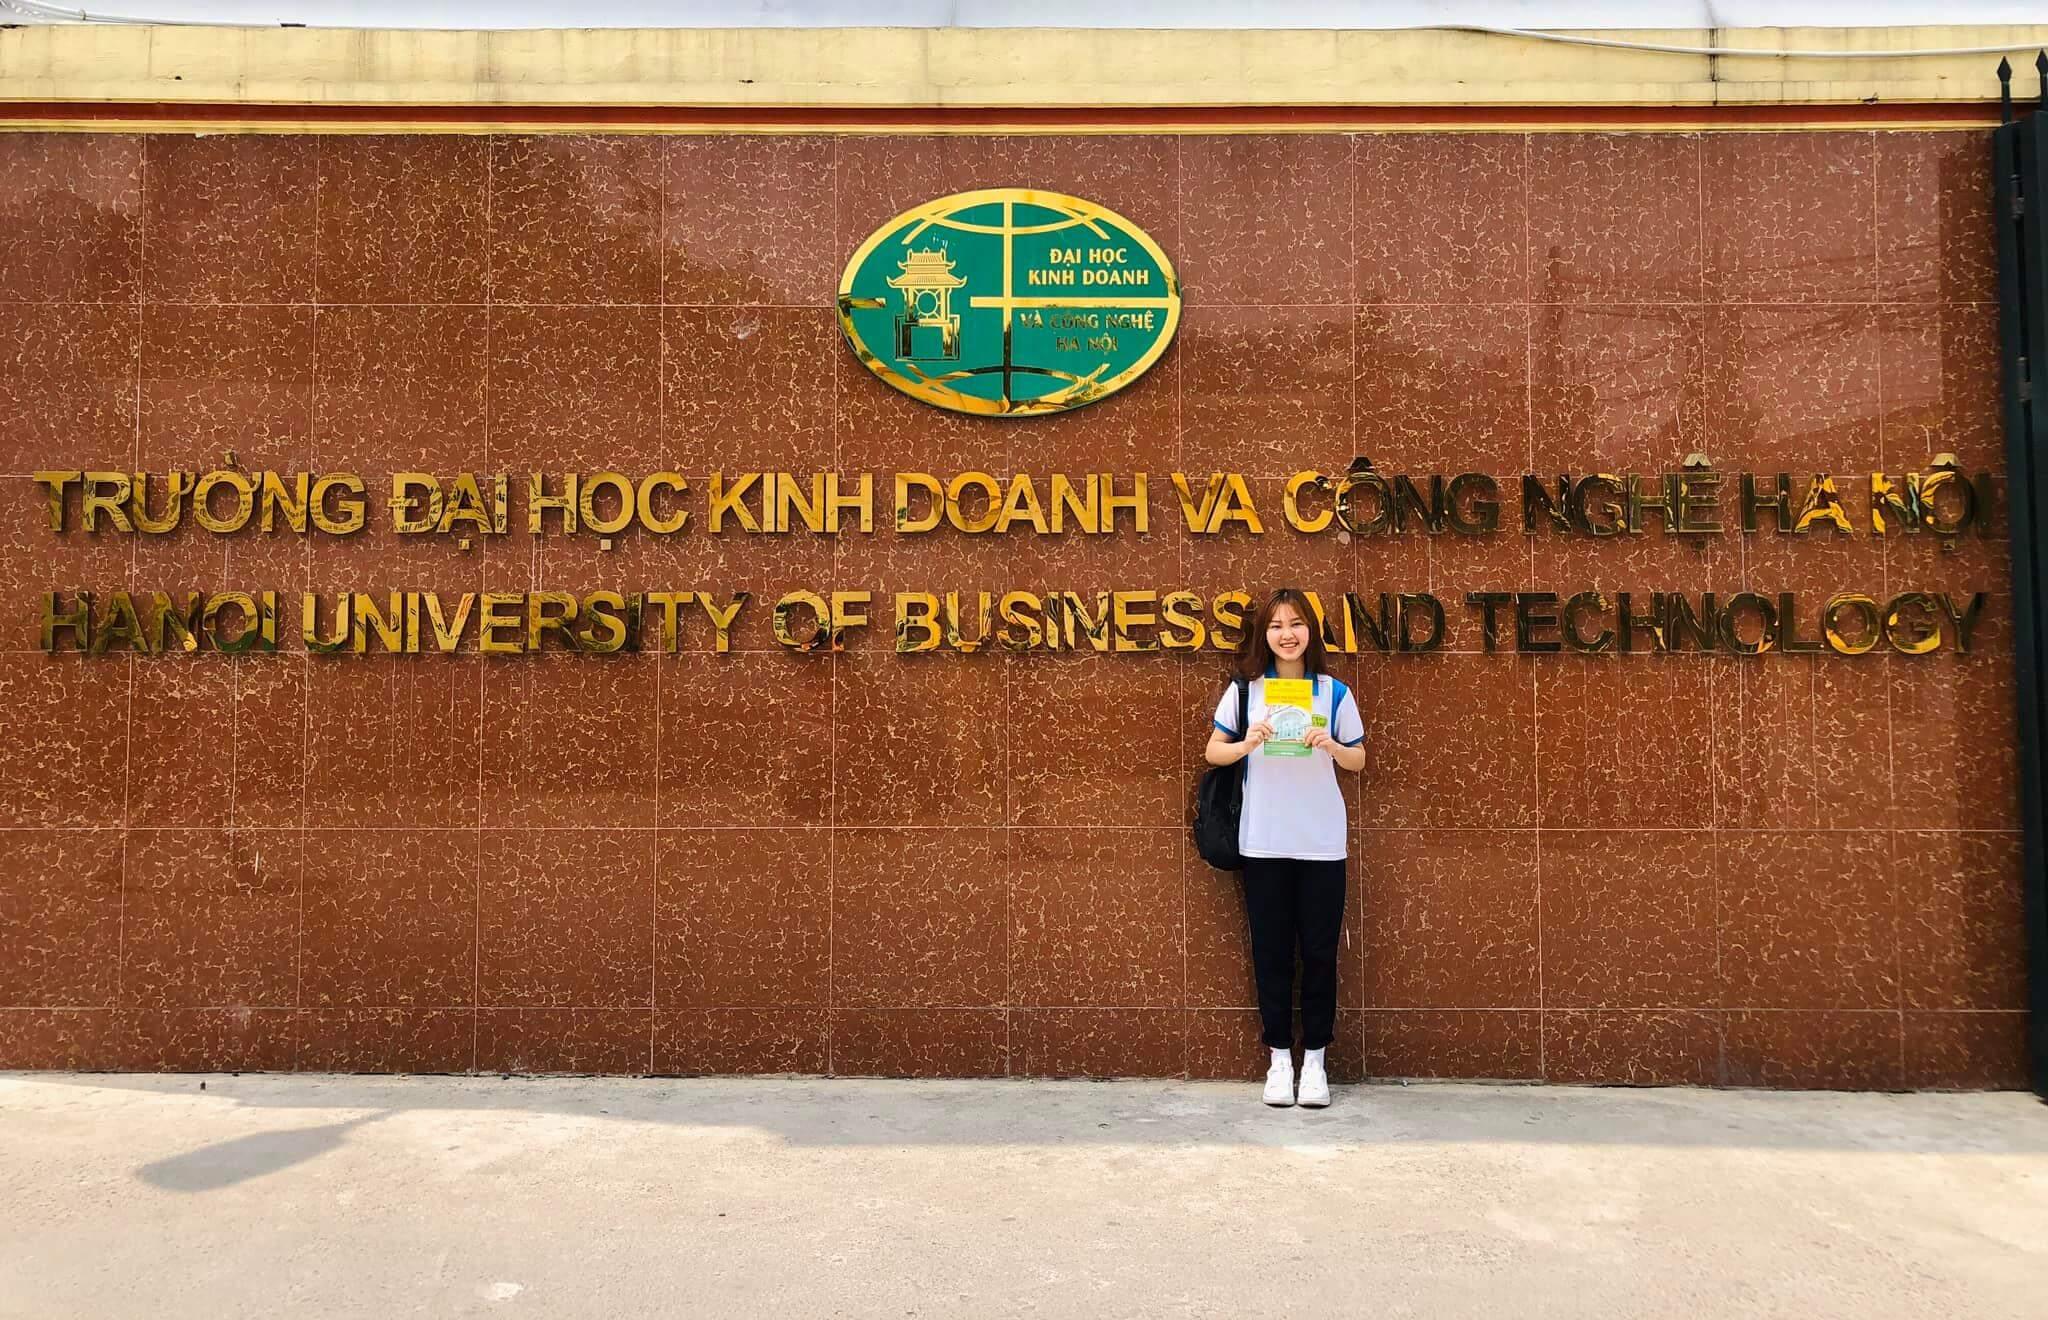 Học phí đại học kinh doanh và công nghệ hà nội